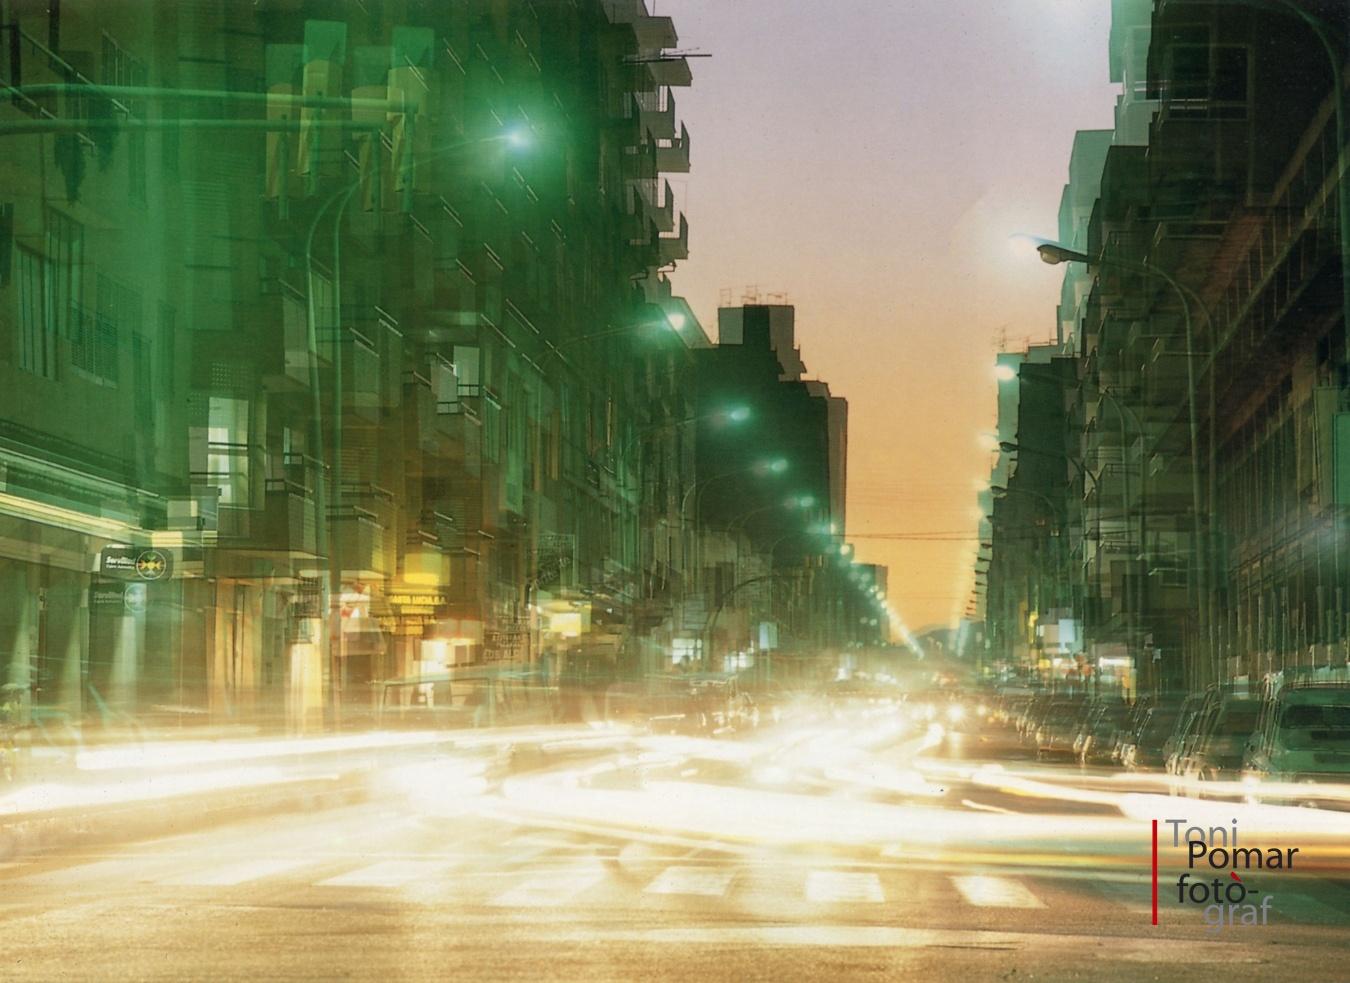 Escolta el rock, noia del carrer ample, papallona encesa de la gran avinguda, de l'àrea metropolitana - Eivissa as New York - Eivissa as New York